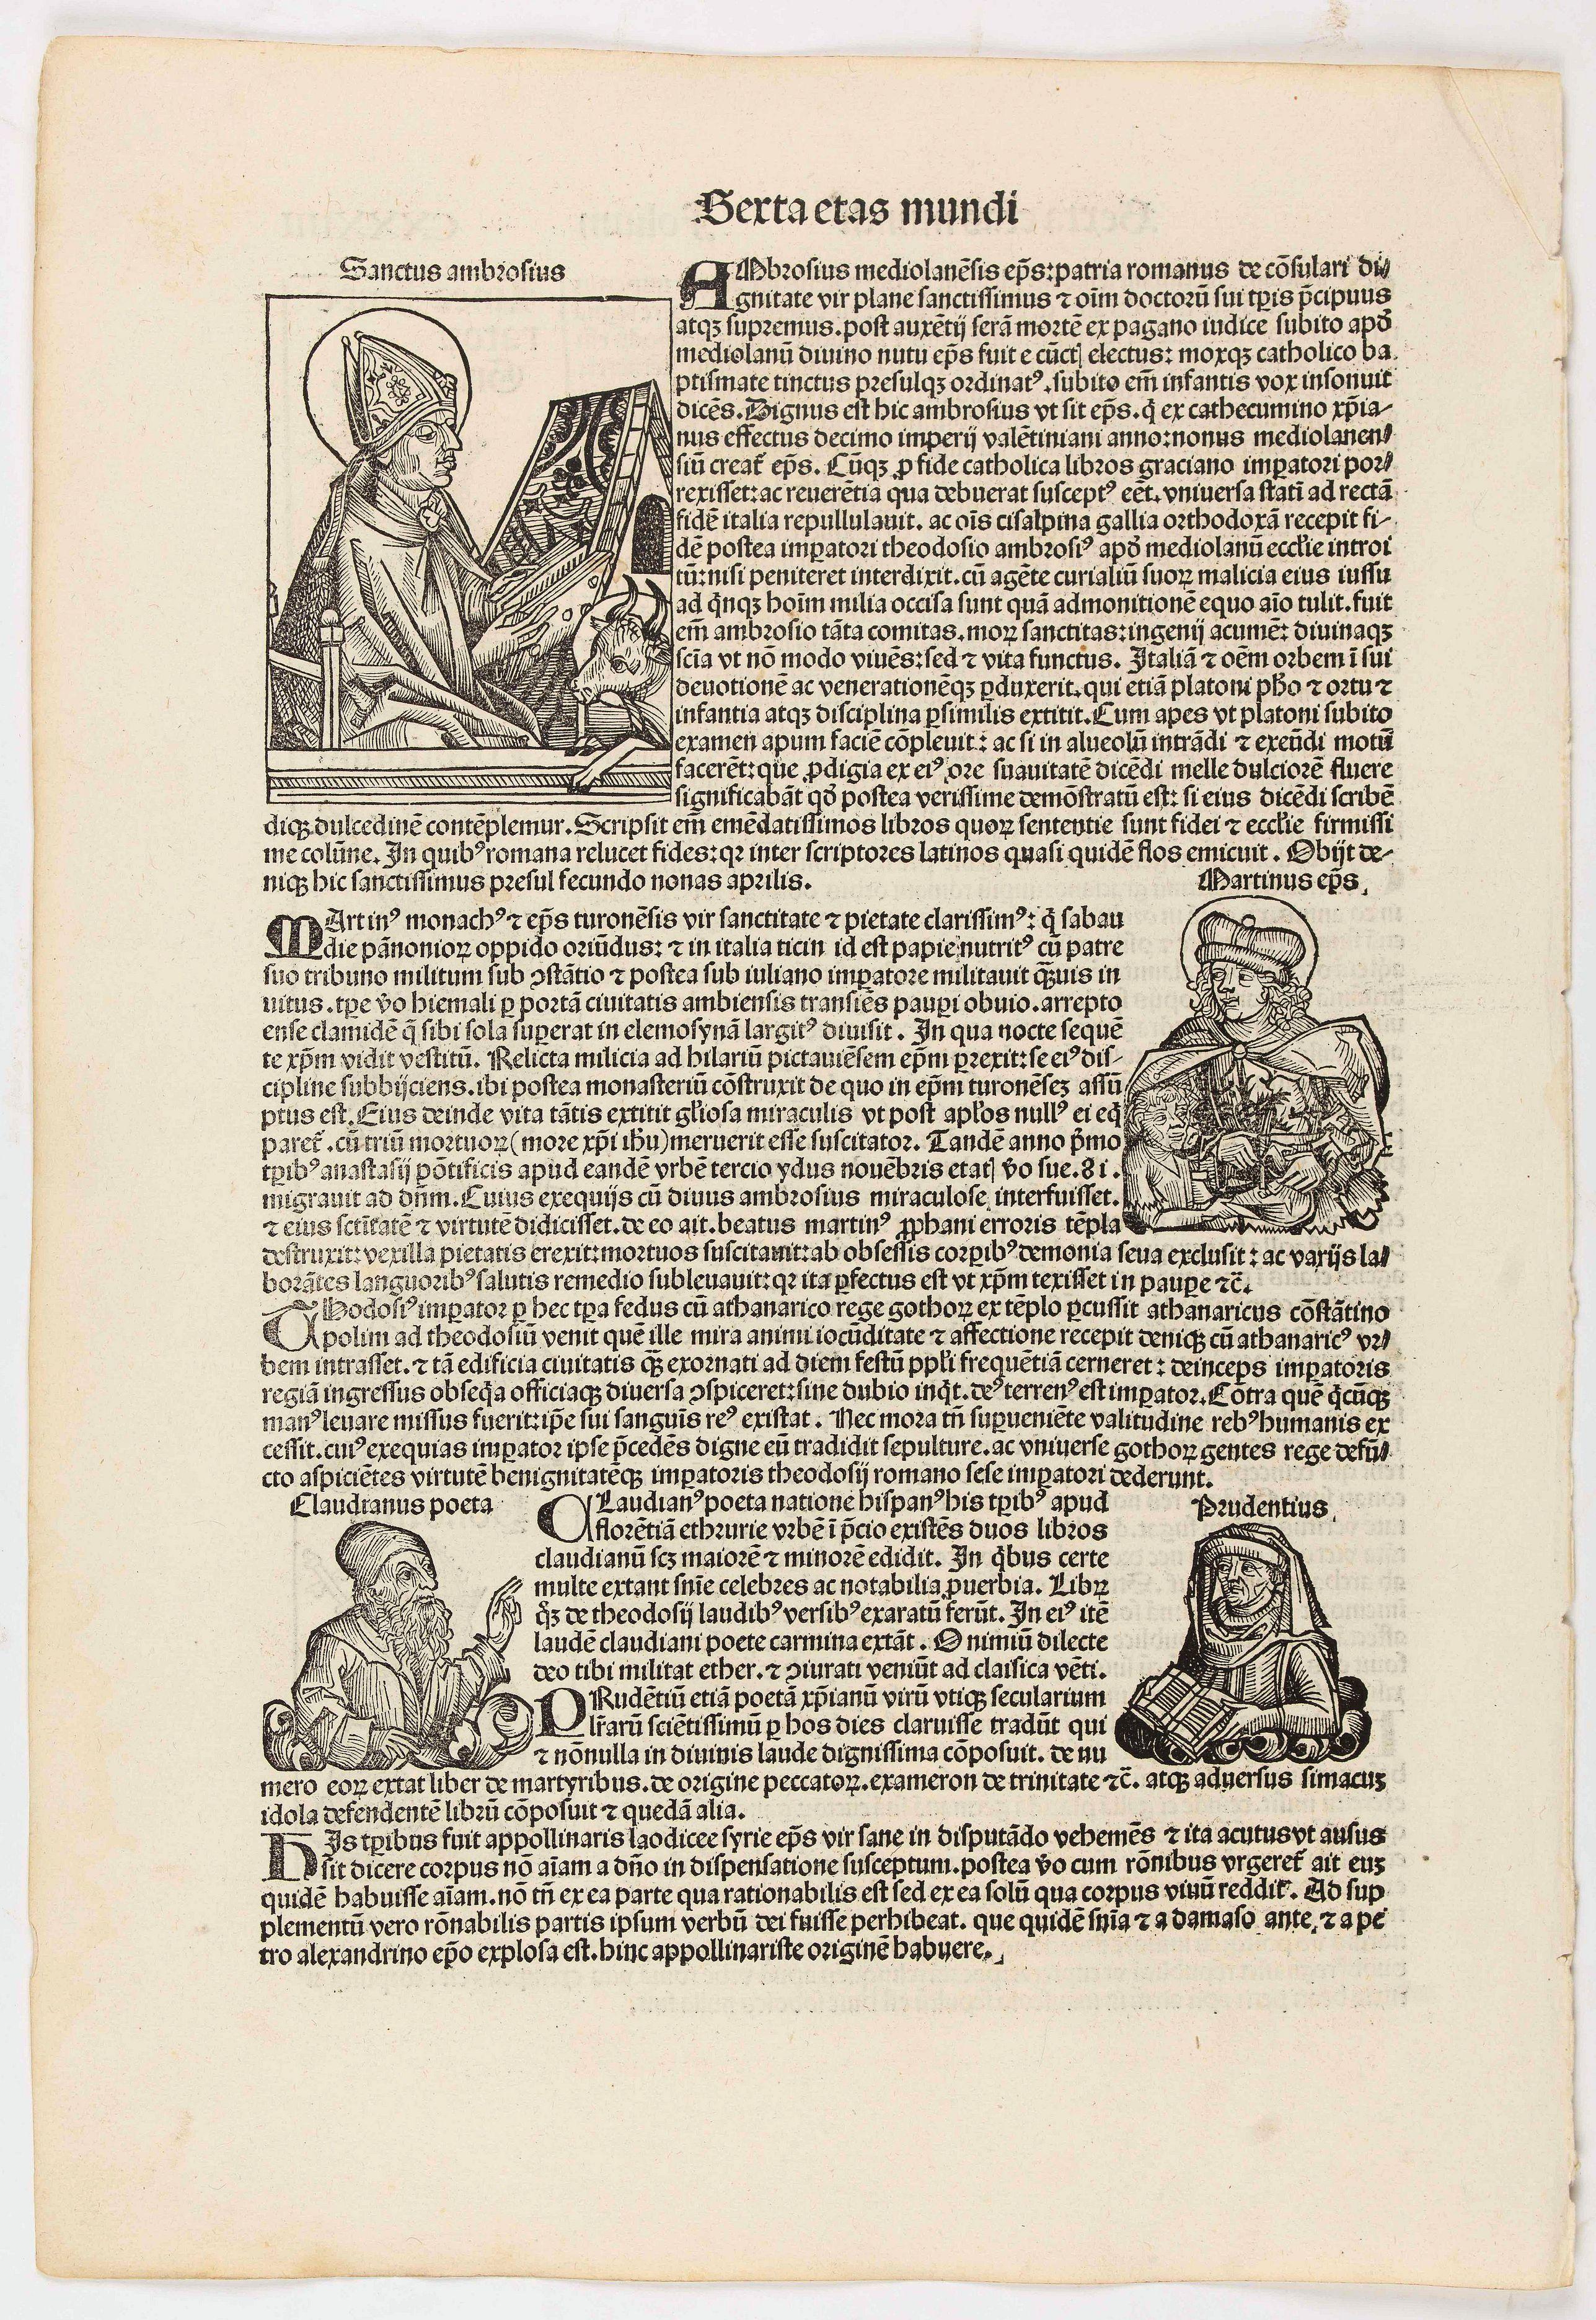 SCHEDEL, H. -  Sexta Etas Mundi. Folium. CXXXIIII